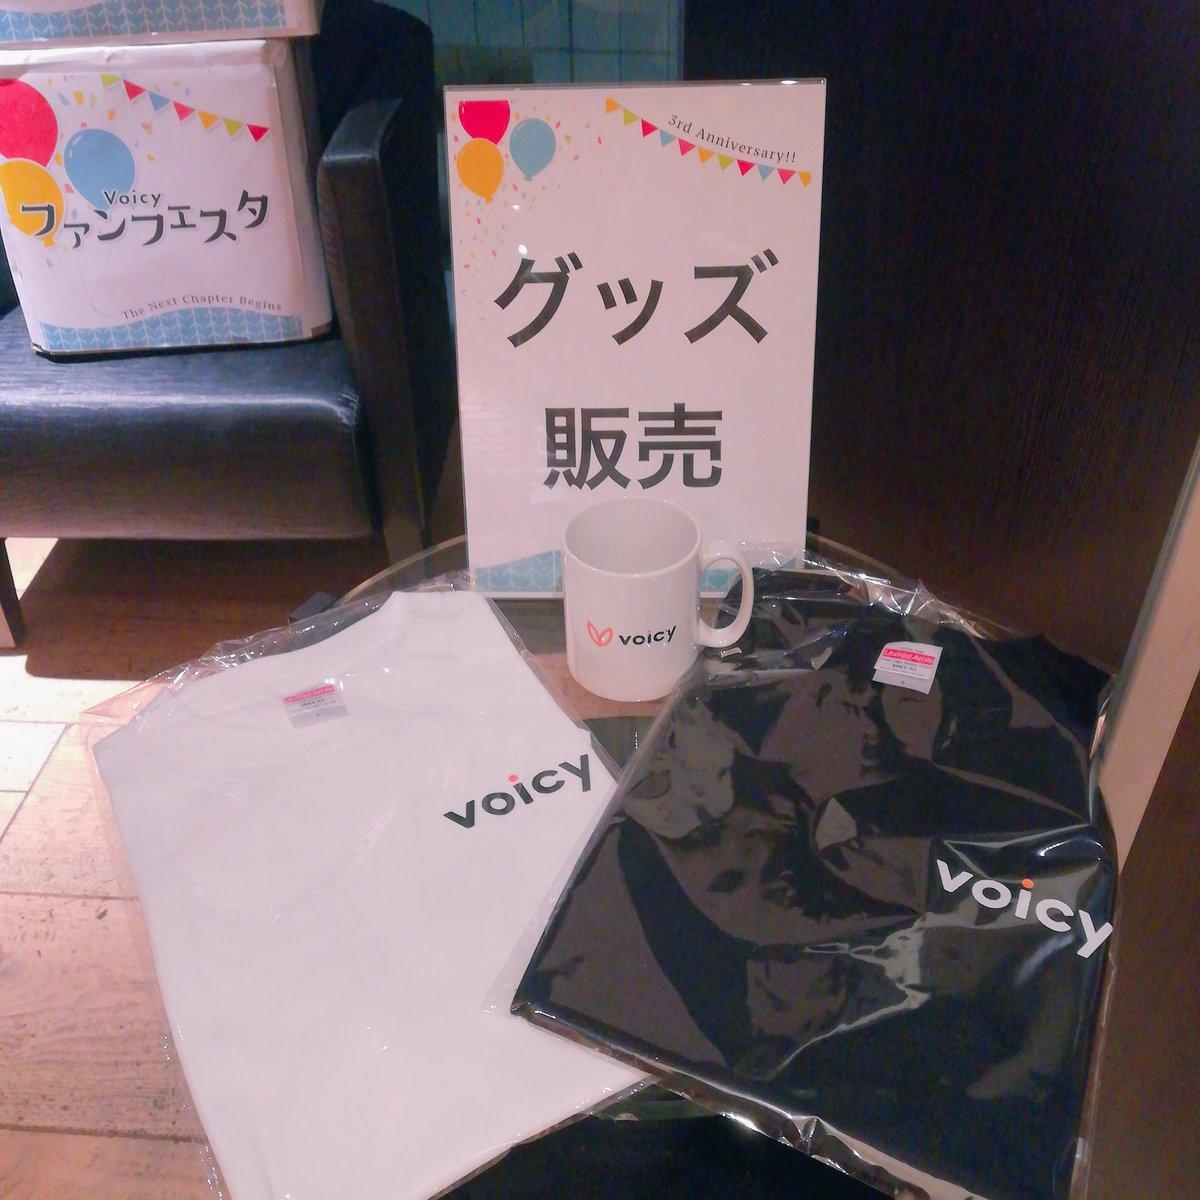 #Voicyファンフェスタ 開催中🎉会場ではグッズ販売もしております!マグカップとTシャツ。イベント限定販売です!これから第4部にお越しいただく皆さんも、ぜひ受付のあとにお立ち寄りください☺️#Voicy